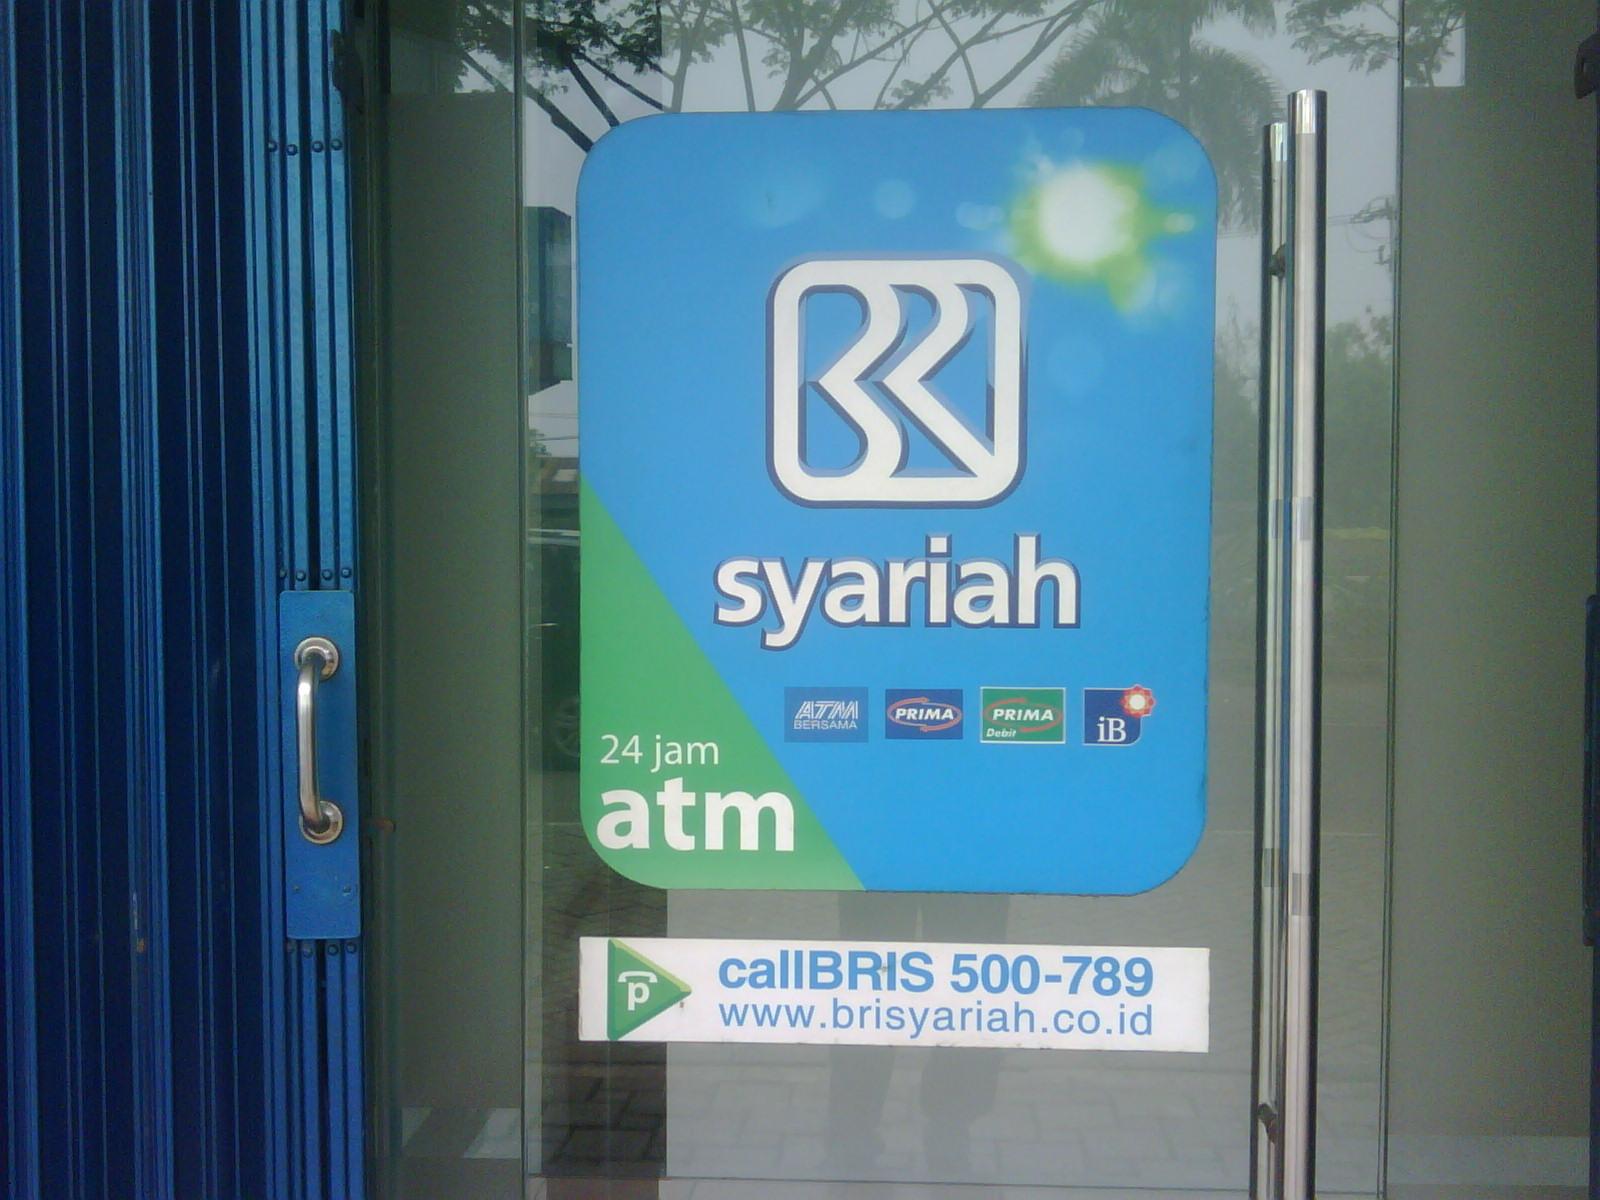 Lowongan Kerja Terbaru 2013 PT Bank BRI Syariah - Minimal S1